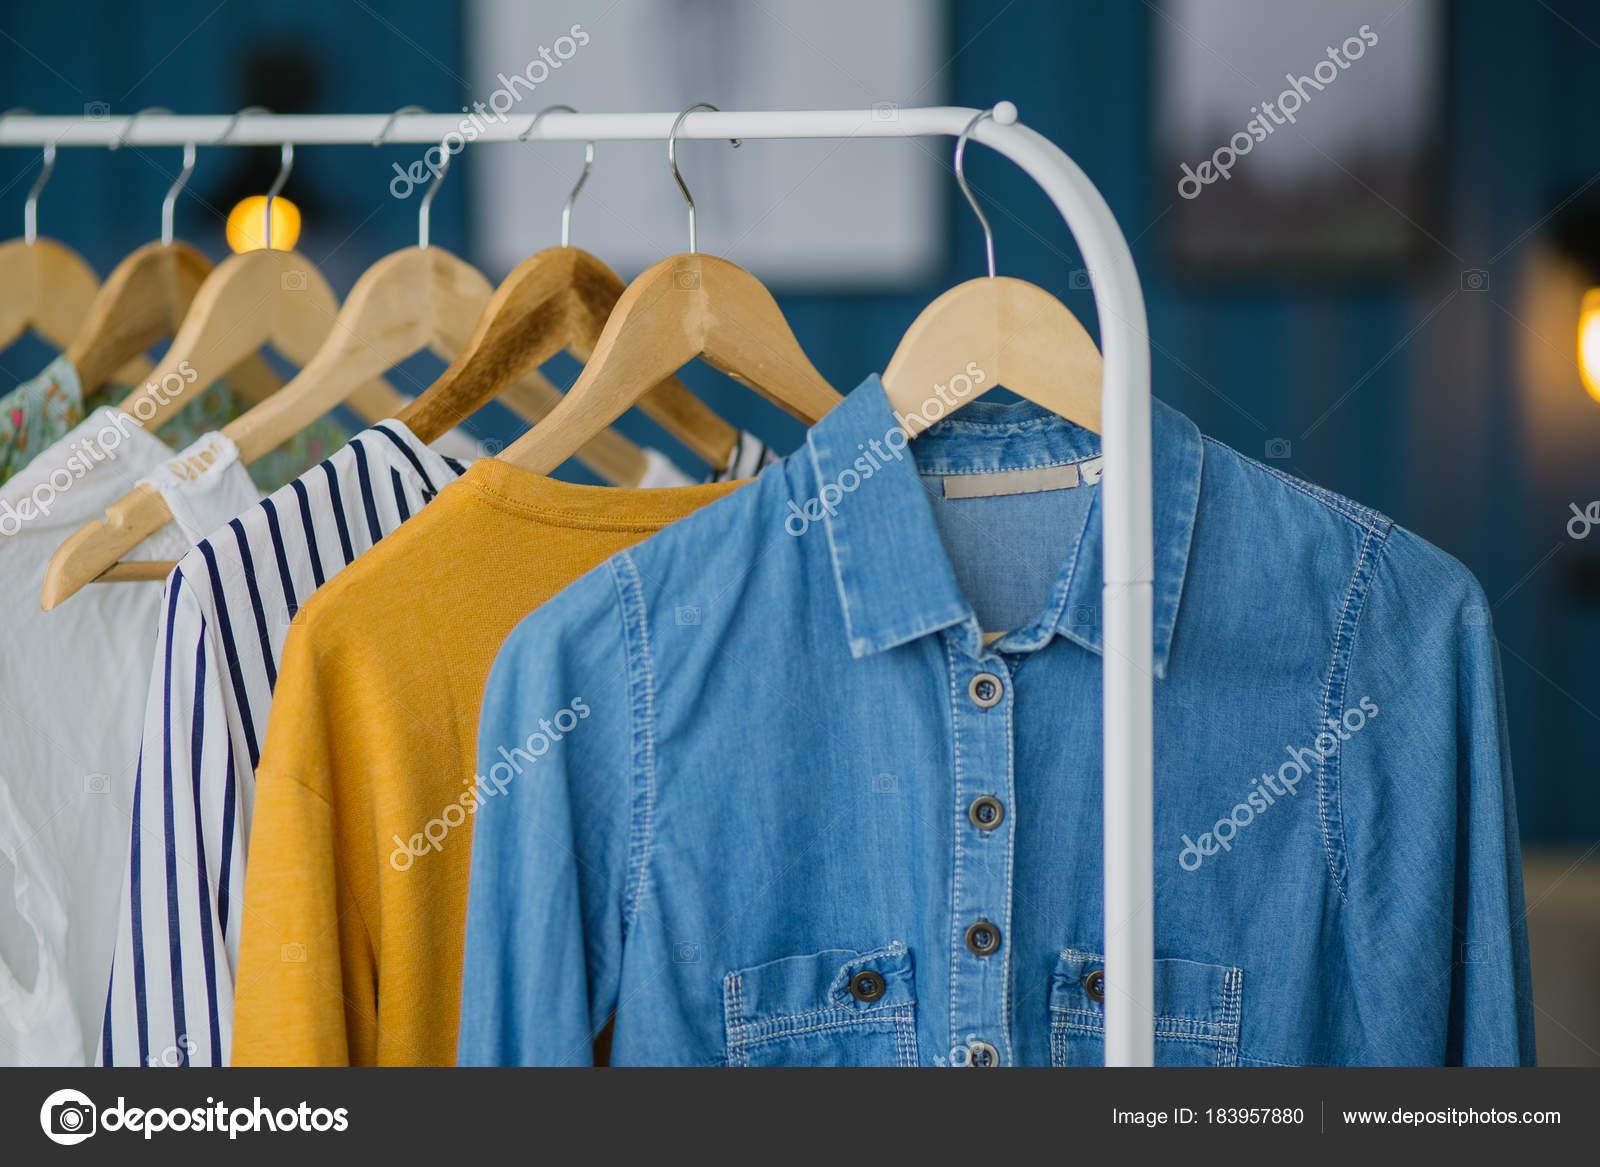 ac49ec219af8 Ρούχα Κρέμονται Στις Ξύλινες Κρεμάστρες Κατάστημα Ενδυμάτων Αρχική Τόνο  Αγορές — Φωτογραφία Αρχείου